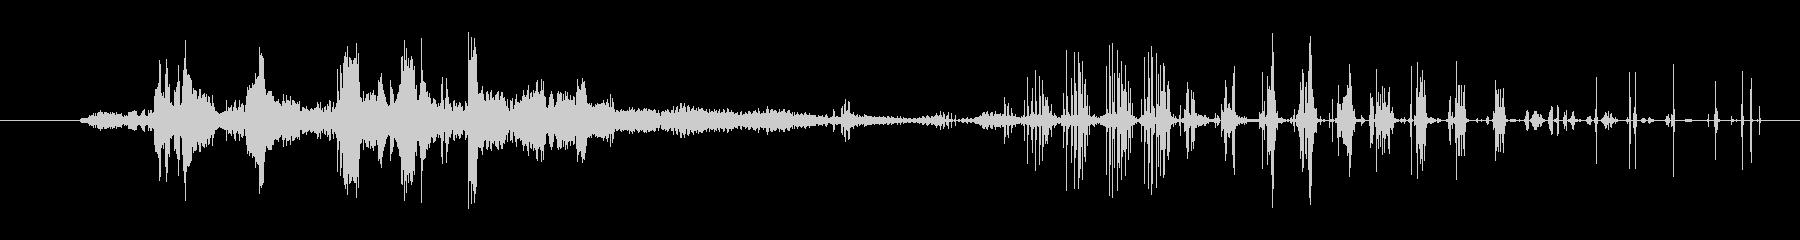 特撮 グリッチシュリル01の未再生の波形